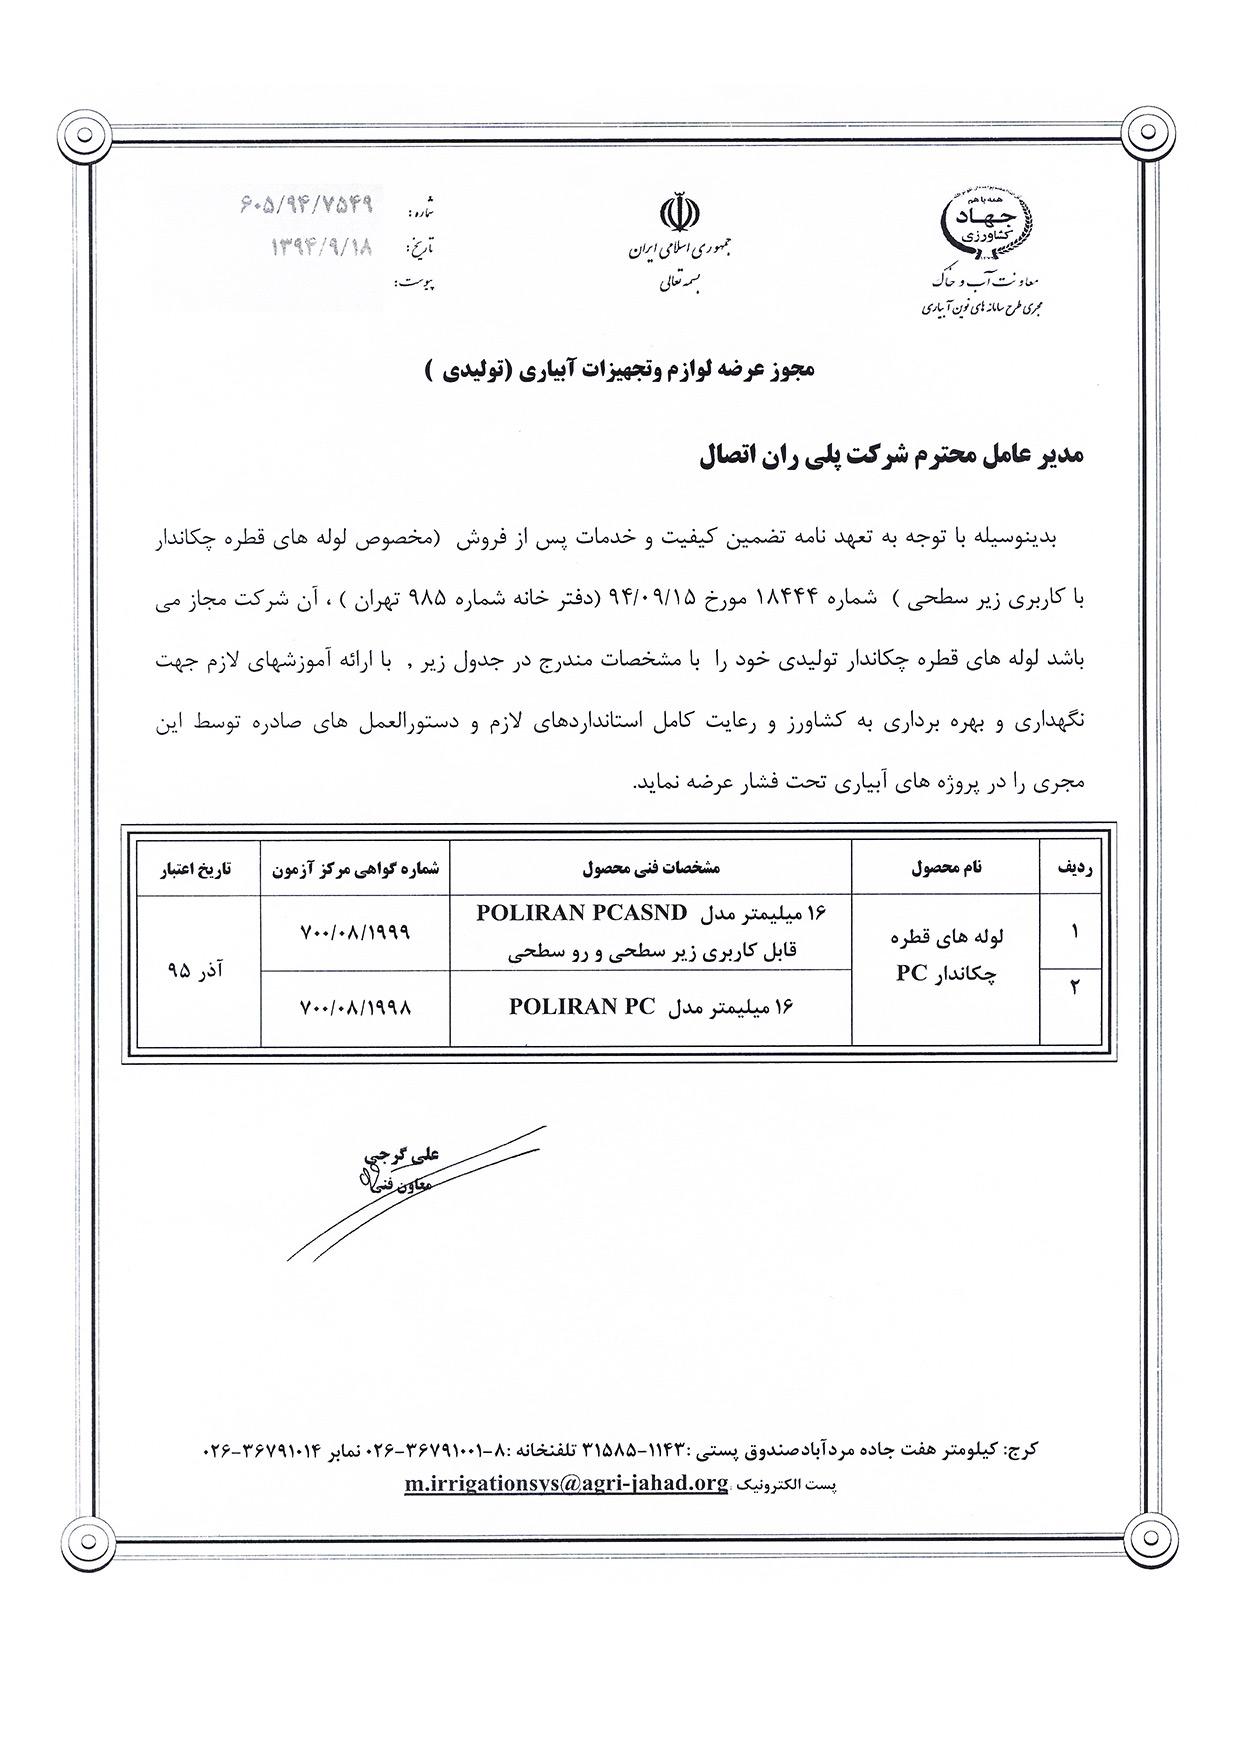 مجوز عرضه لوازم و تجهیزات  آبیاری (تولیدی)